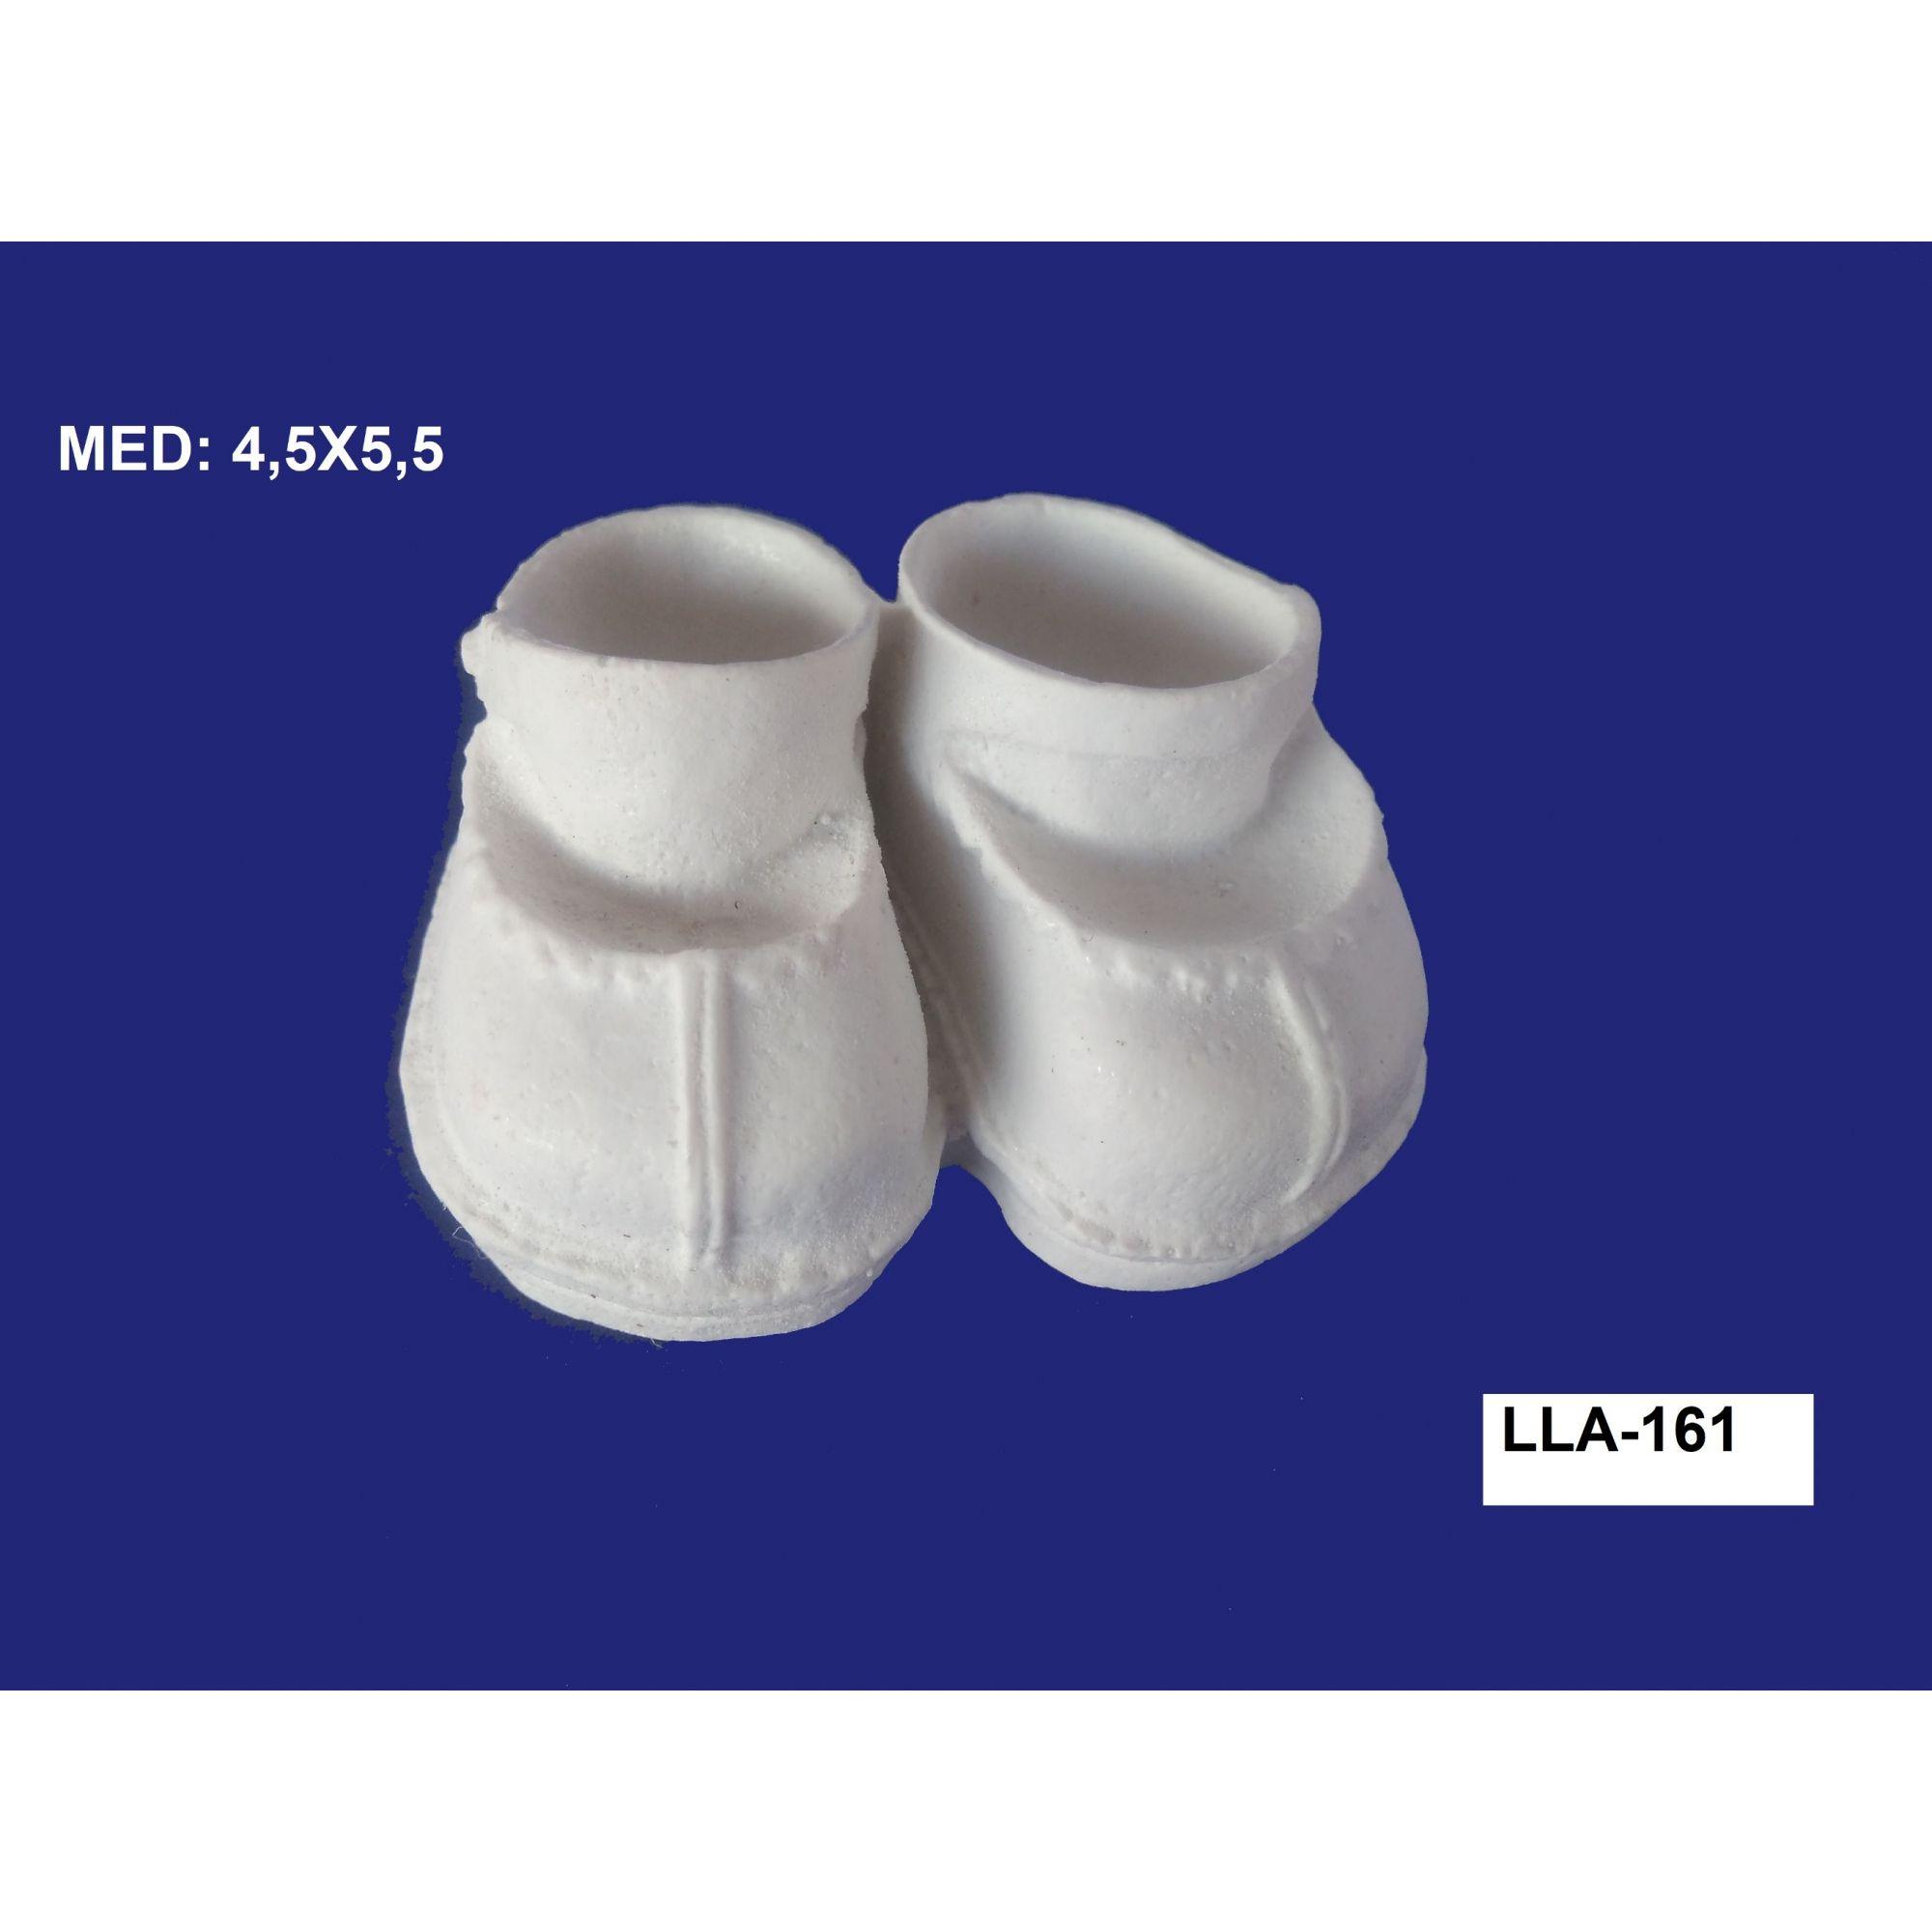 LLA-161 SAPATO 3D 4,5X5,5CM